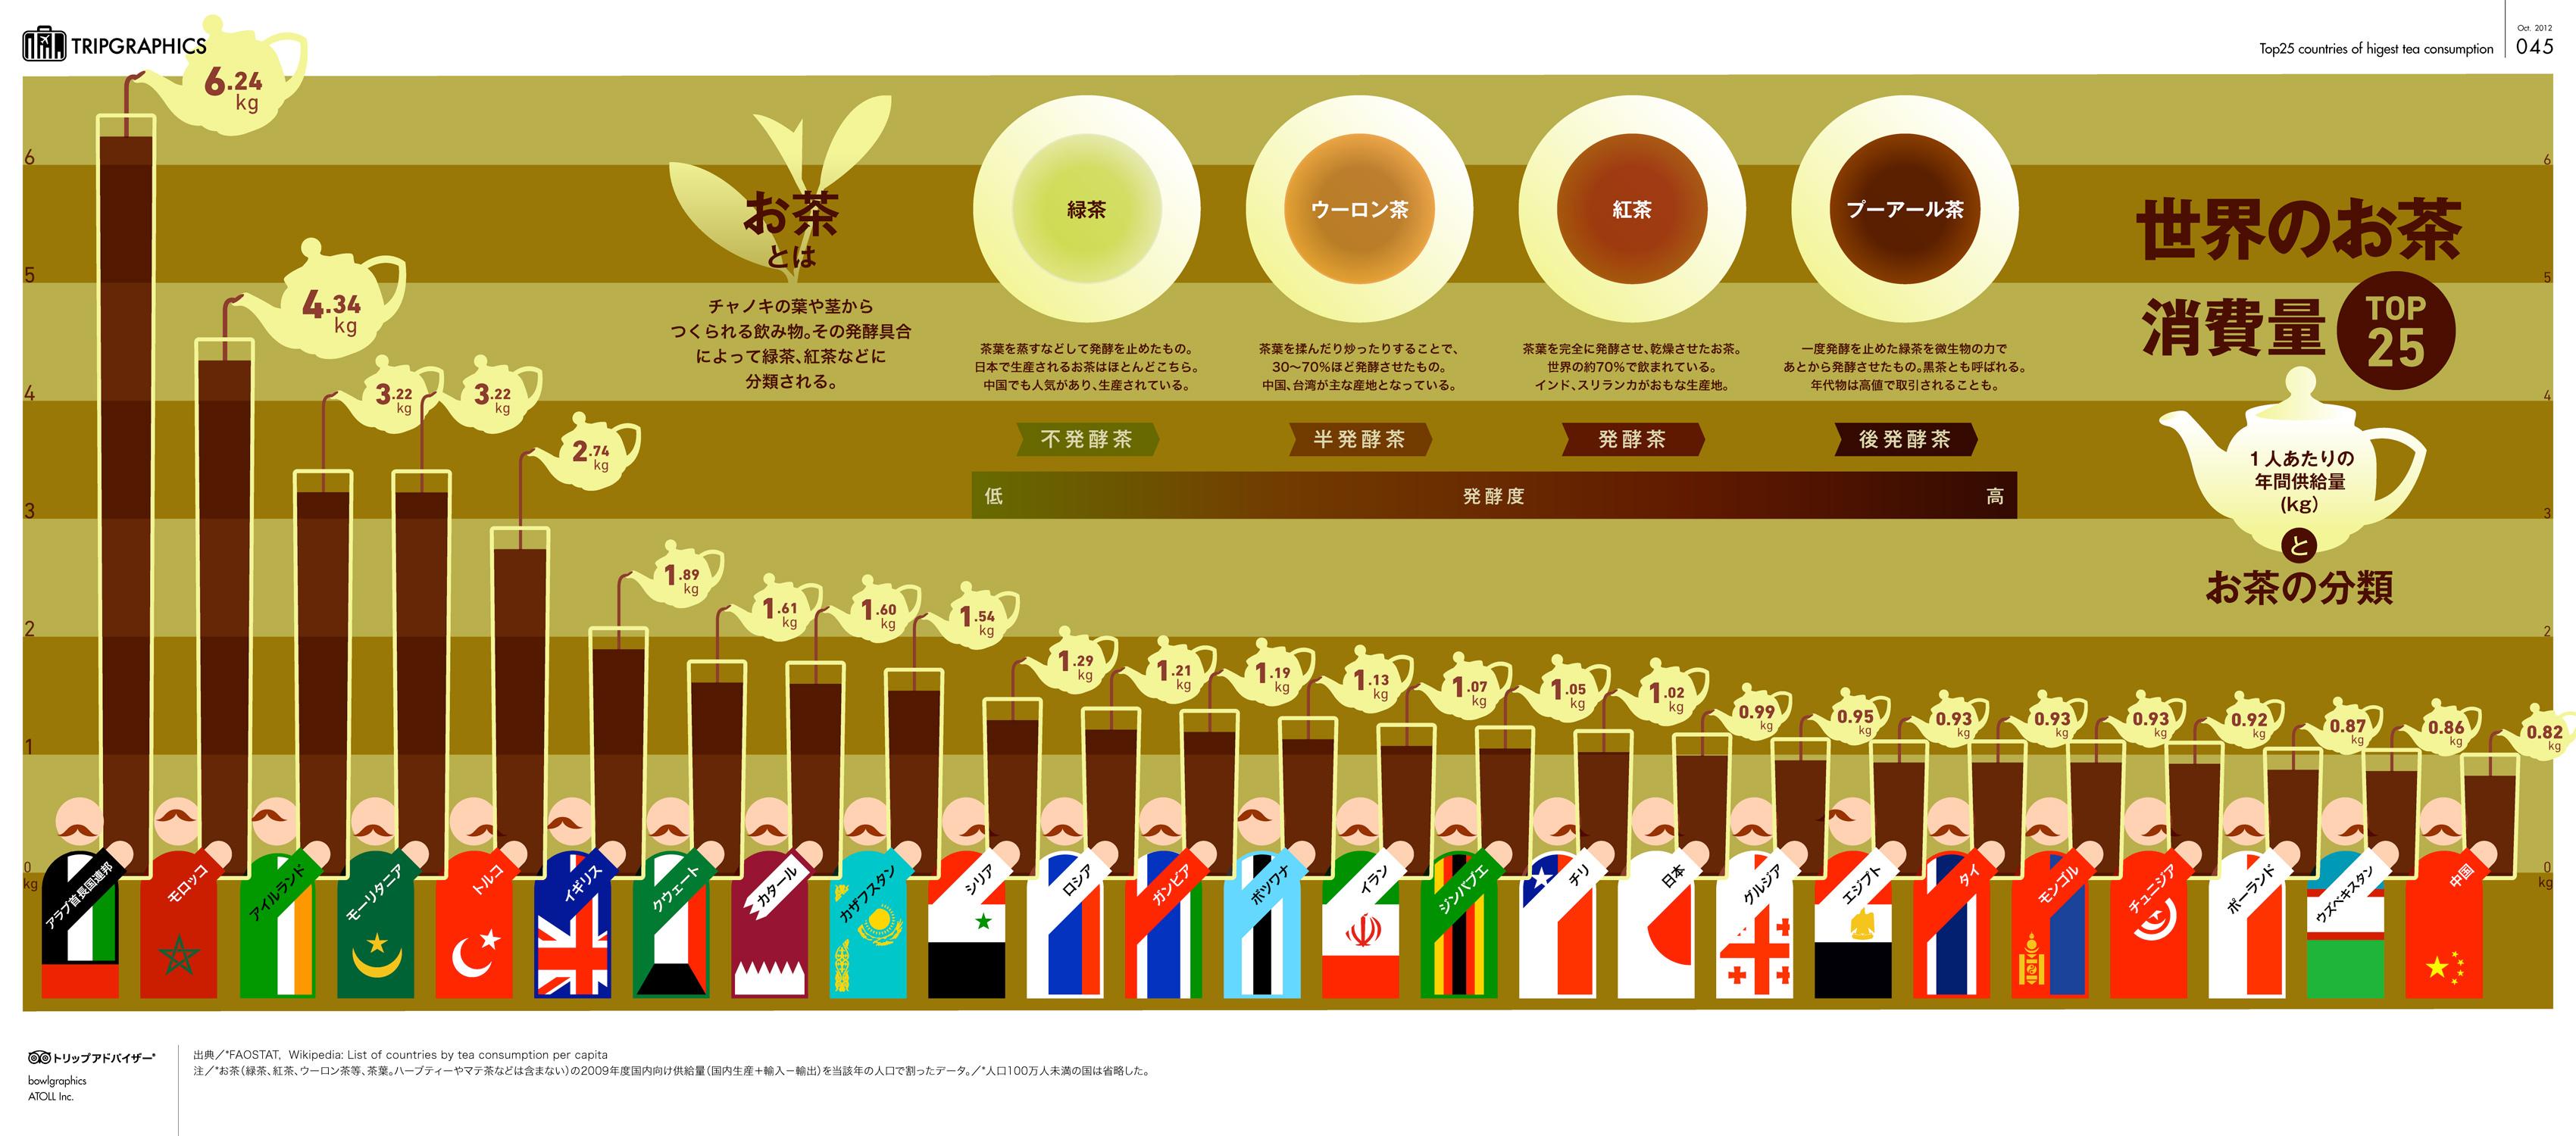 世界で一番お茶を飲んでいる国は...